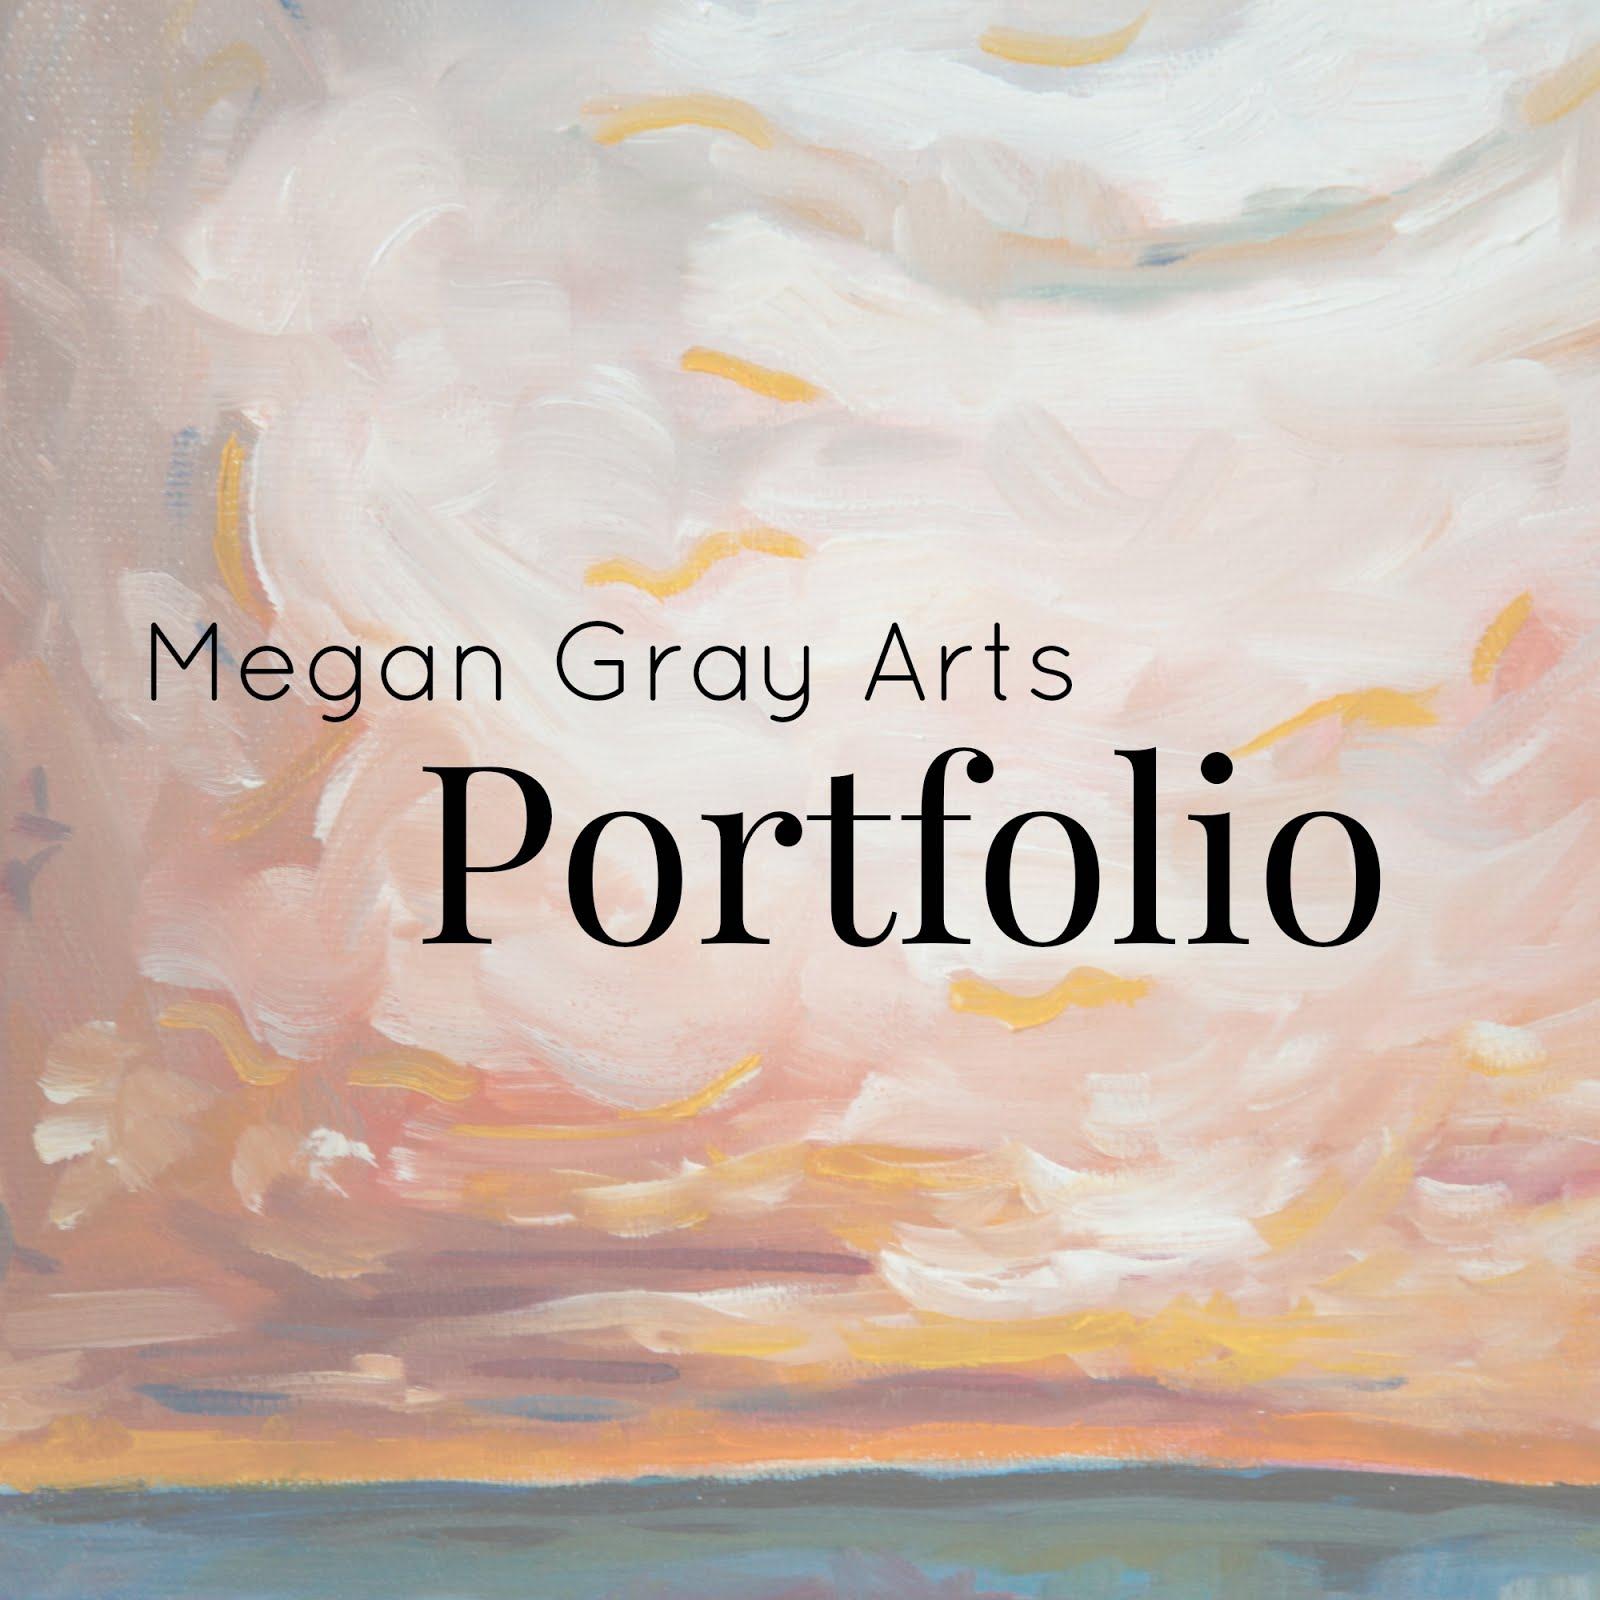 Megan Gray Arts